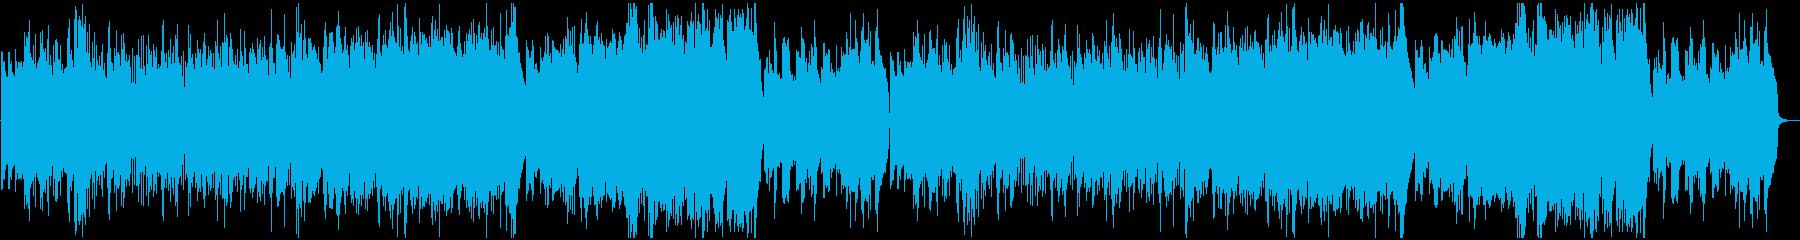 優しい森のヒーリングの再生済みの波形